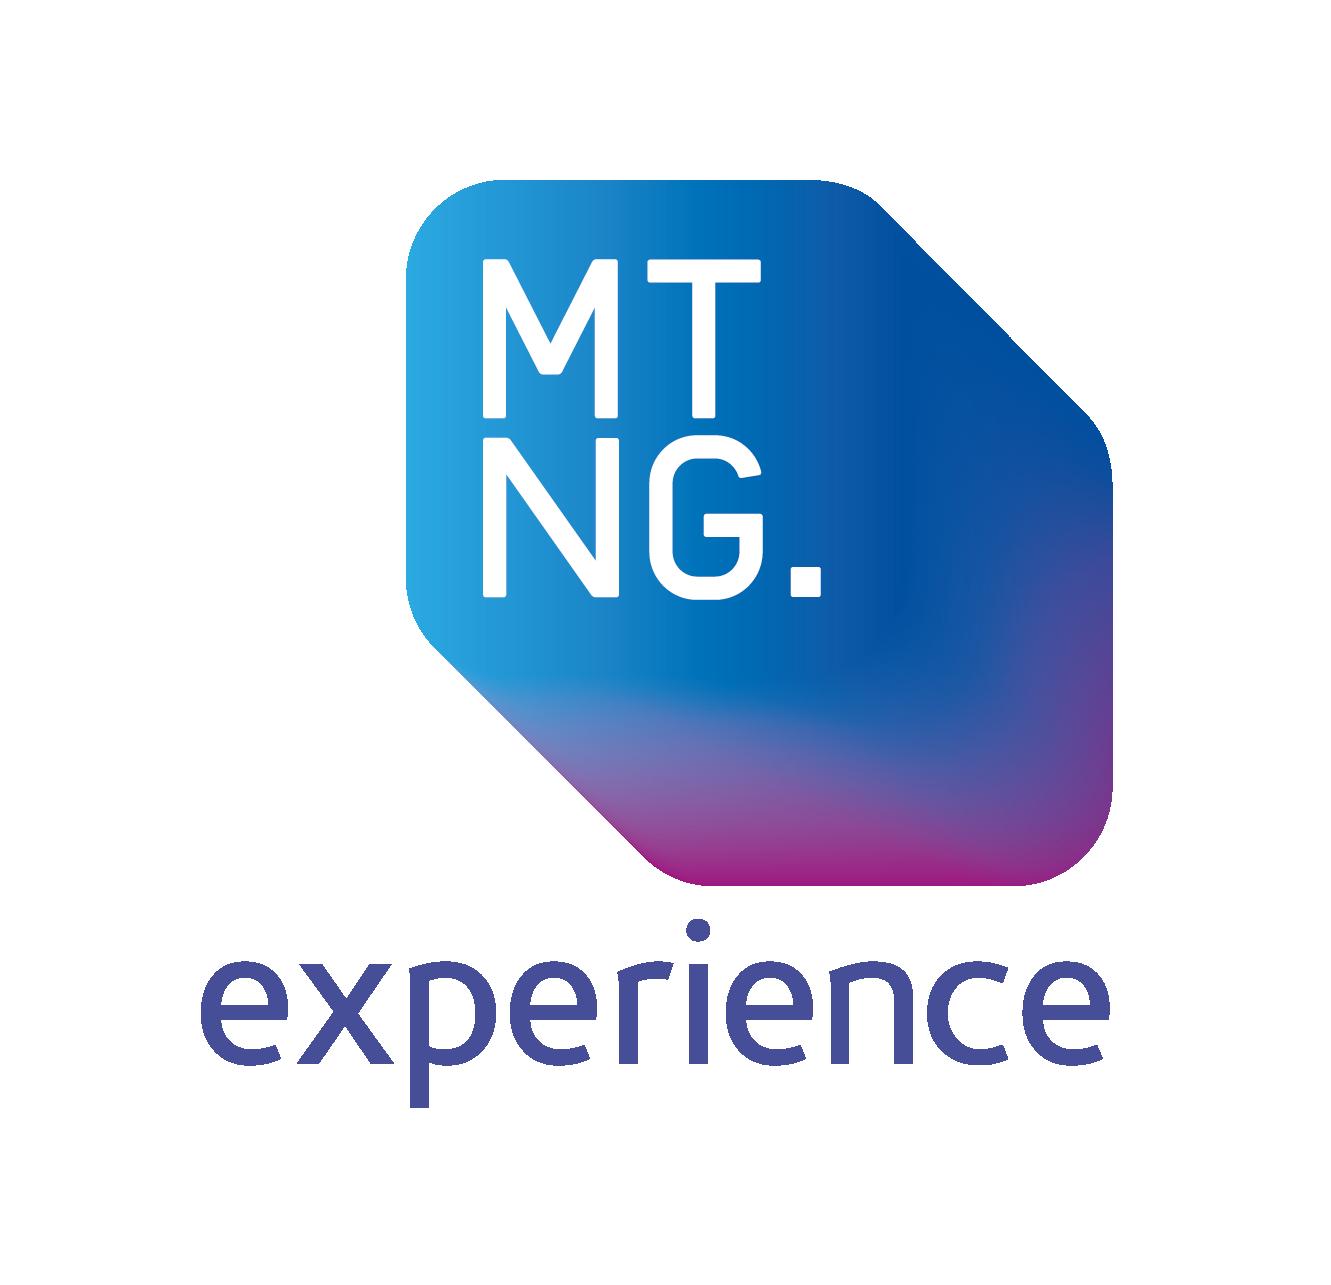 Mtng Elche Calzado Footwear Experience Designer Diseñador 6Y8ZYq